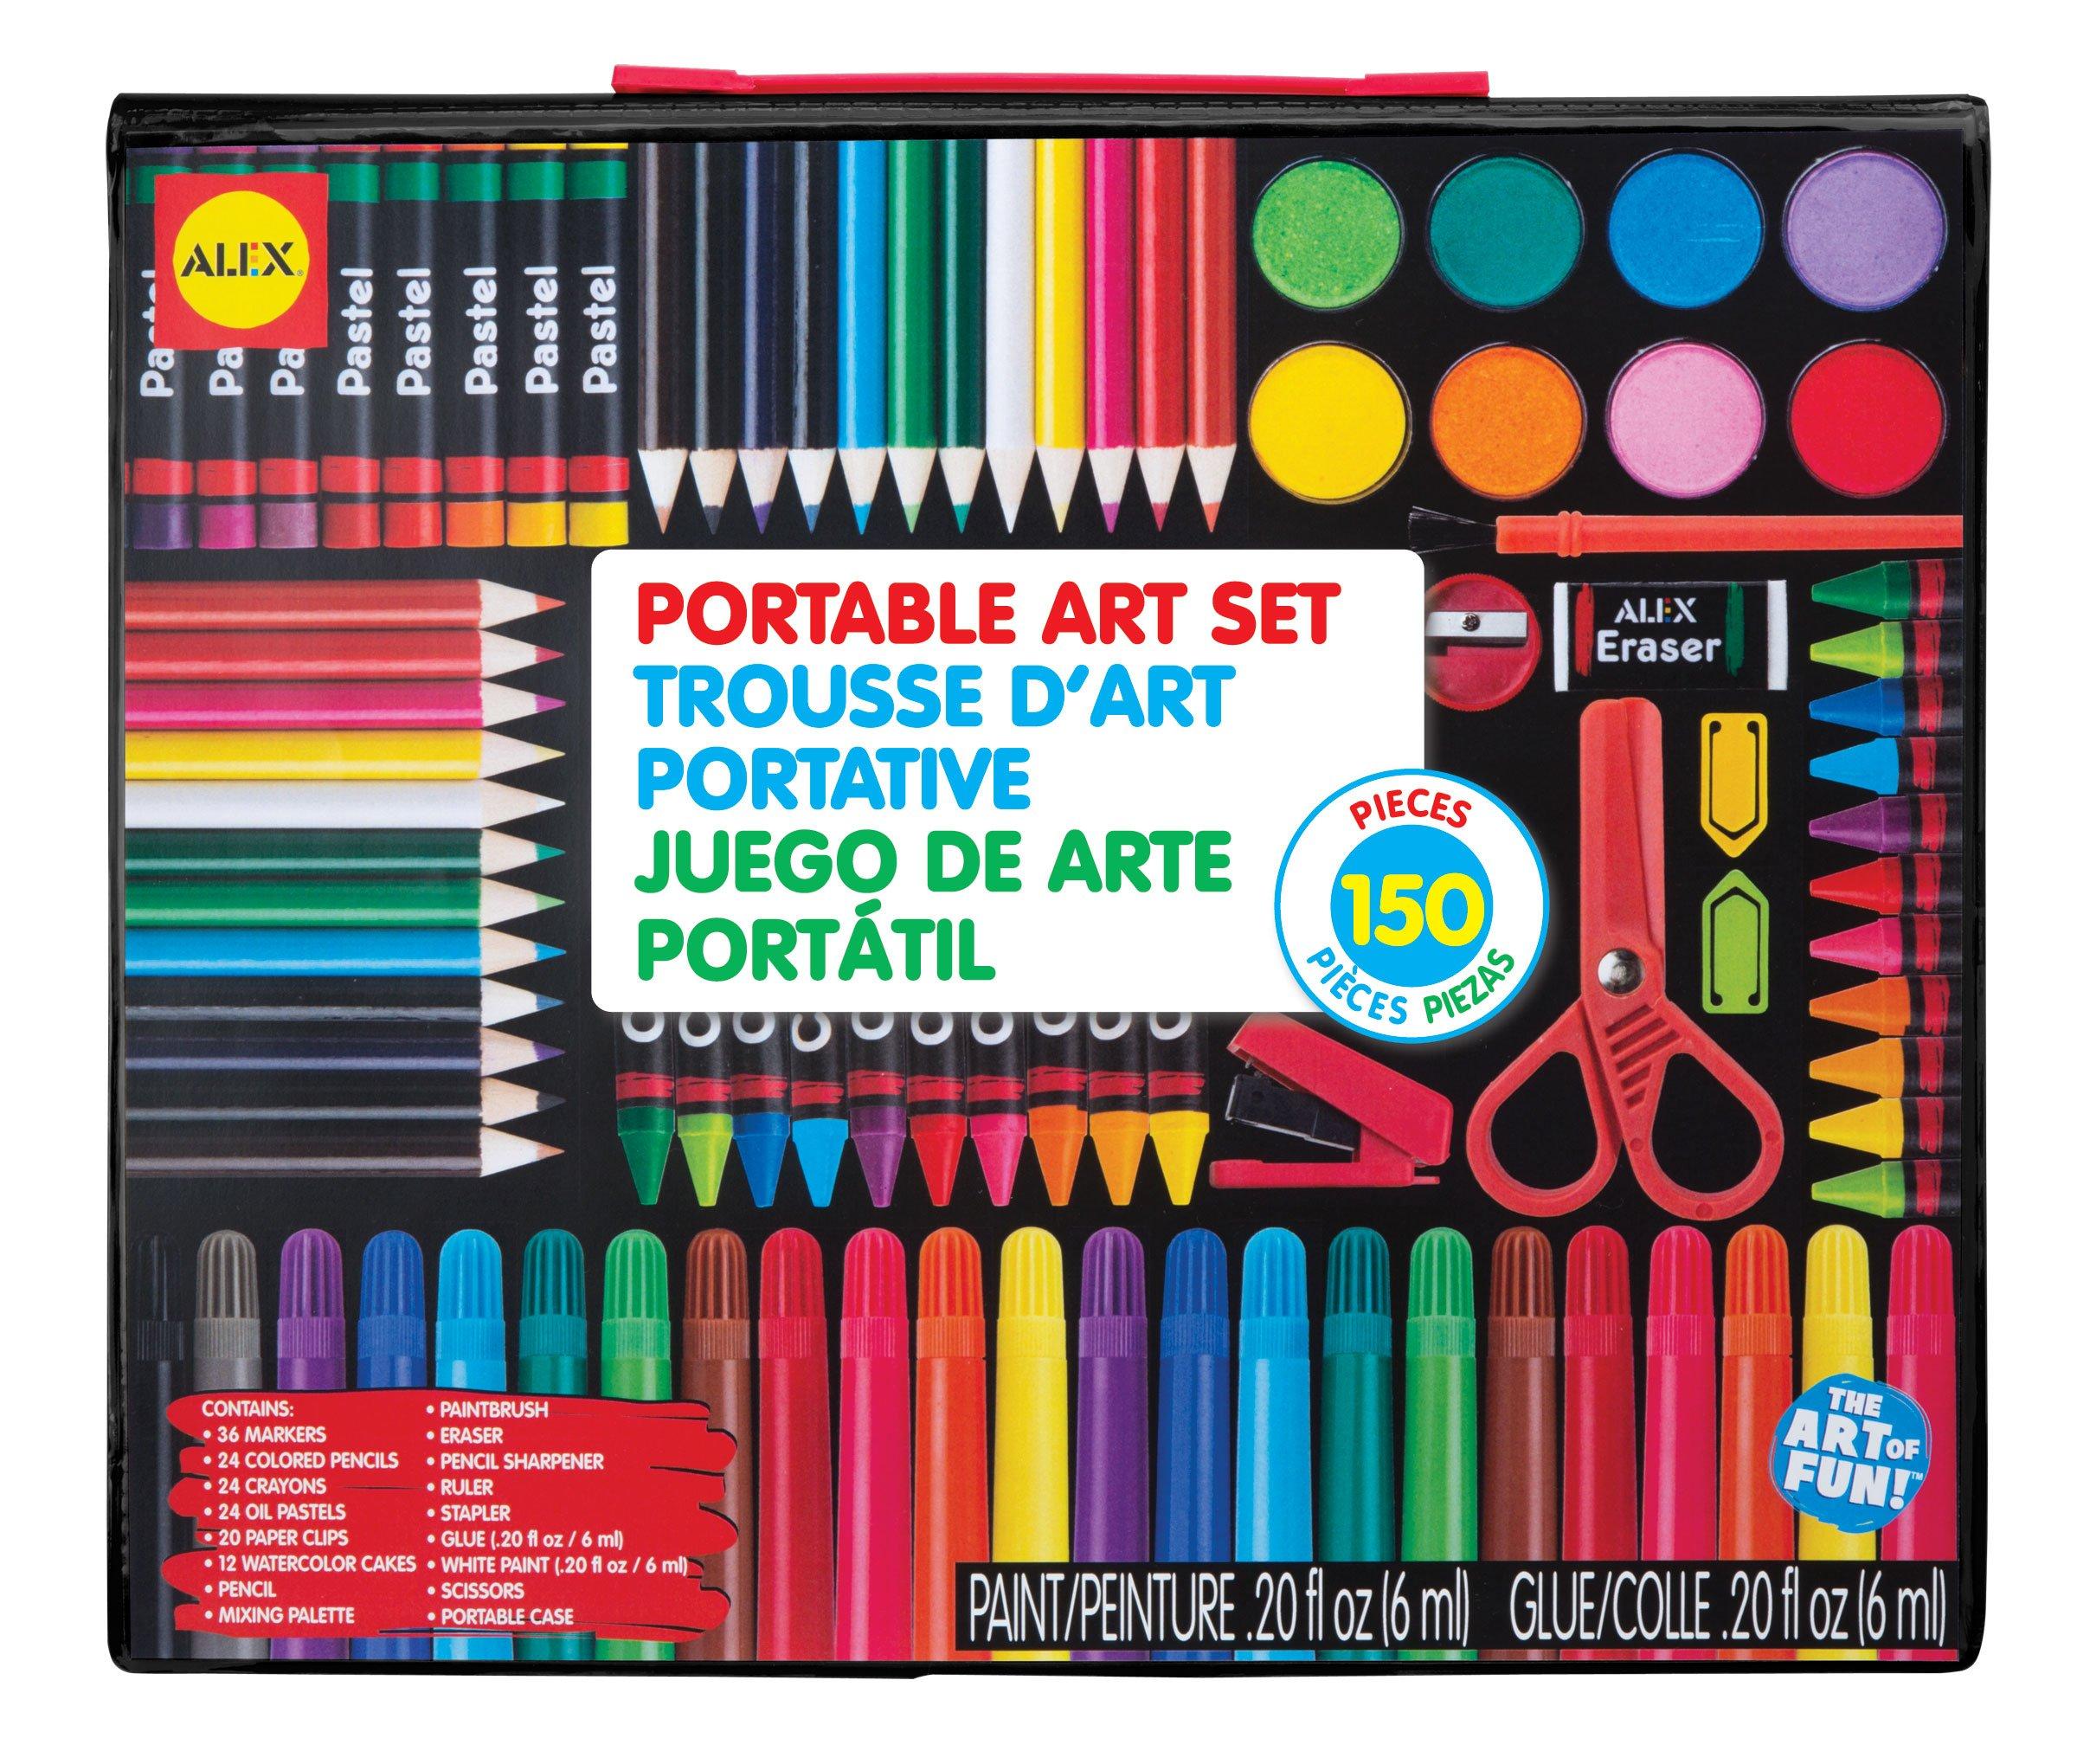 Alex Art Portable Art Set